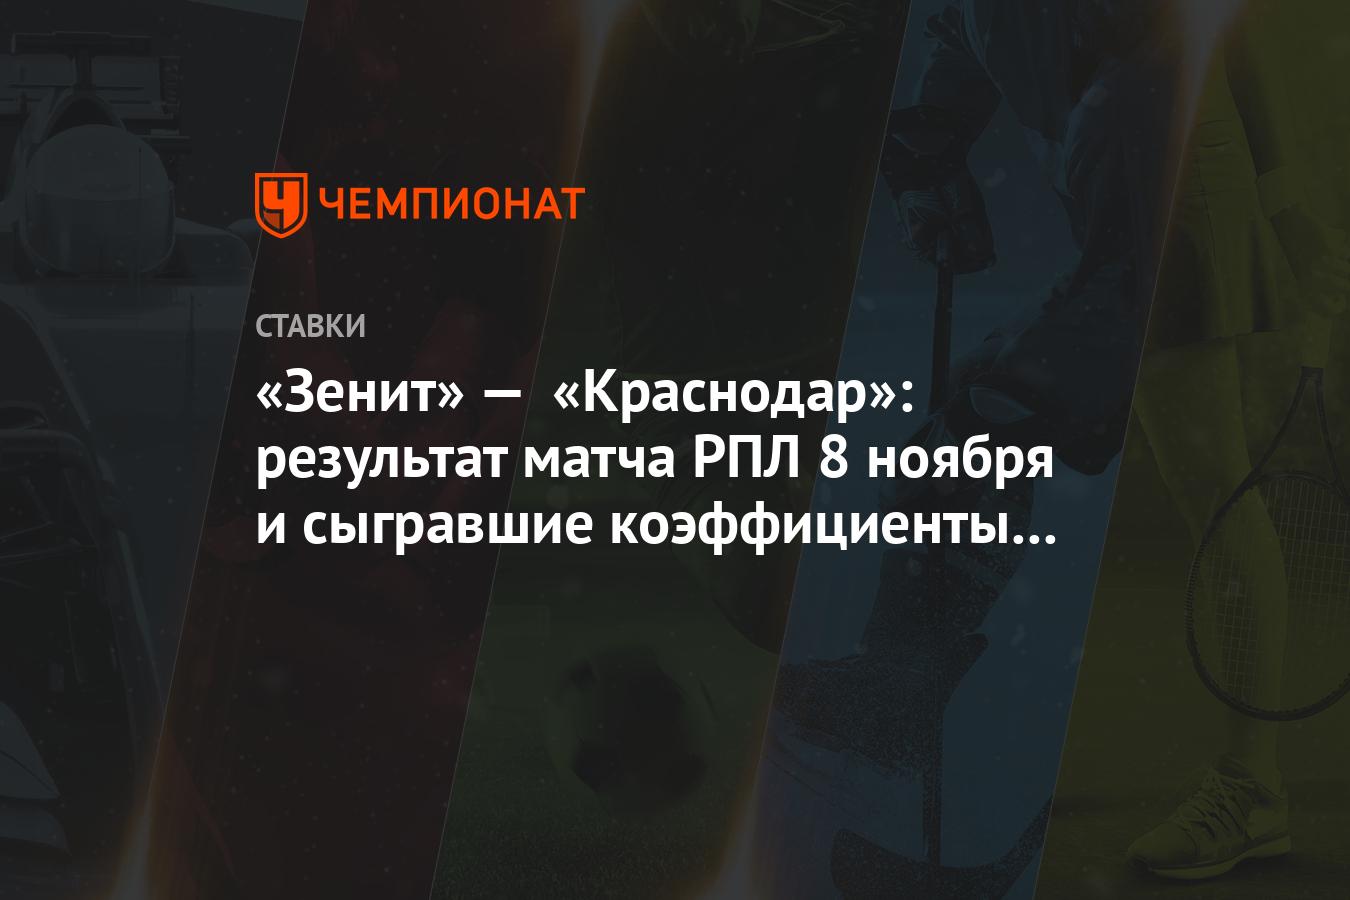 Zenit Krasnodar Rezultat Matcha Rpl 8 Noyabrya I Sygravshie Koefficienty Bukmekerov Chempionat